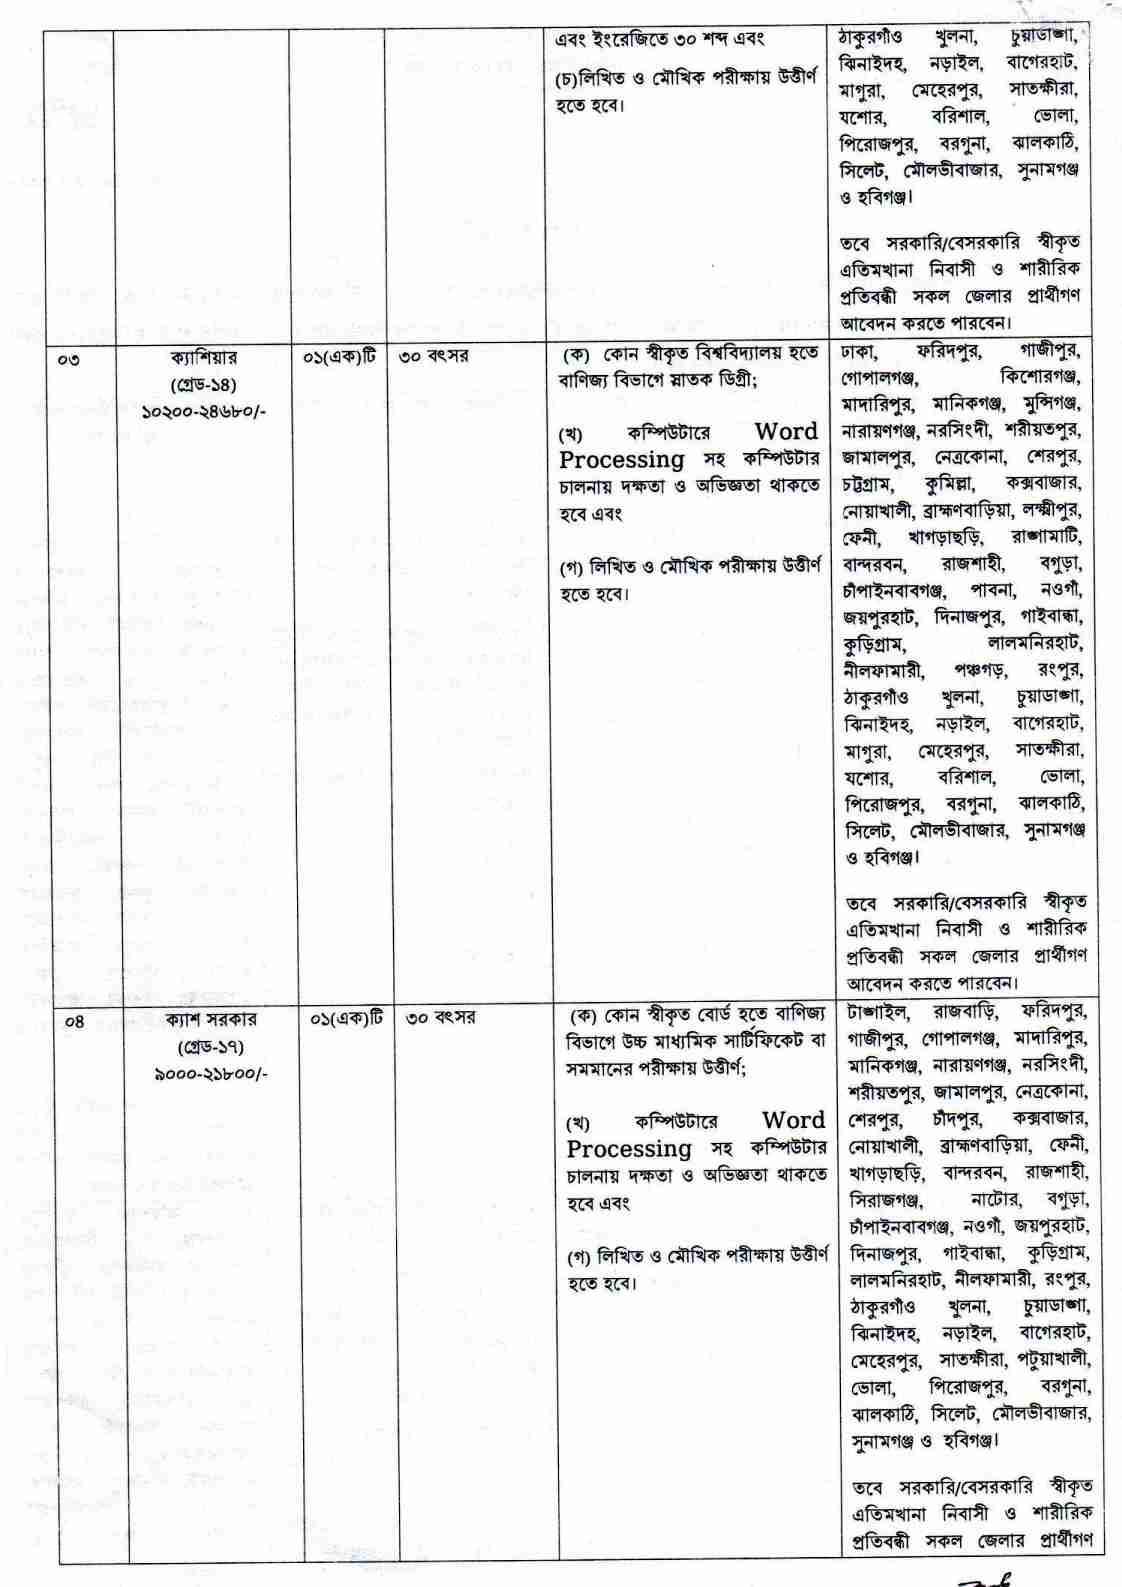 পার্বত্য চট্টগ্রাম বিষয়ক মন্ত্রণালয় নিয়োগ বিজ্ঞপ্তি ২০২১